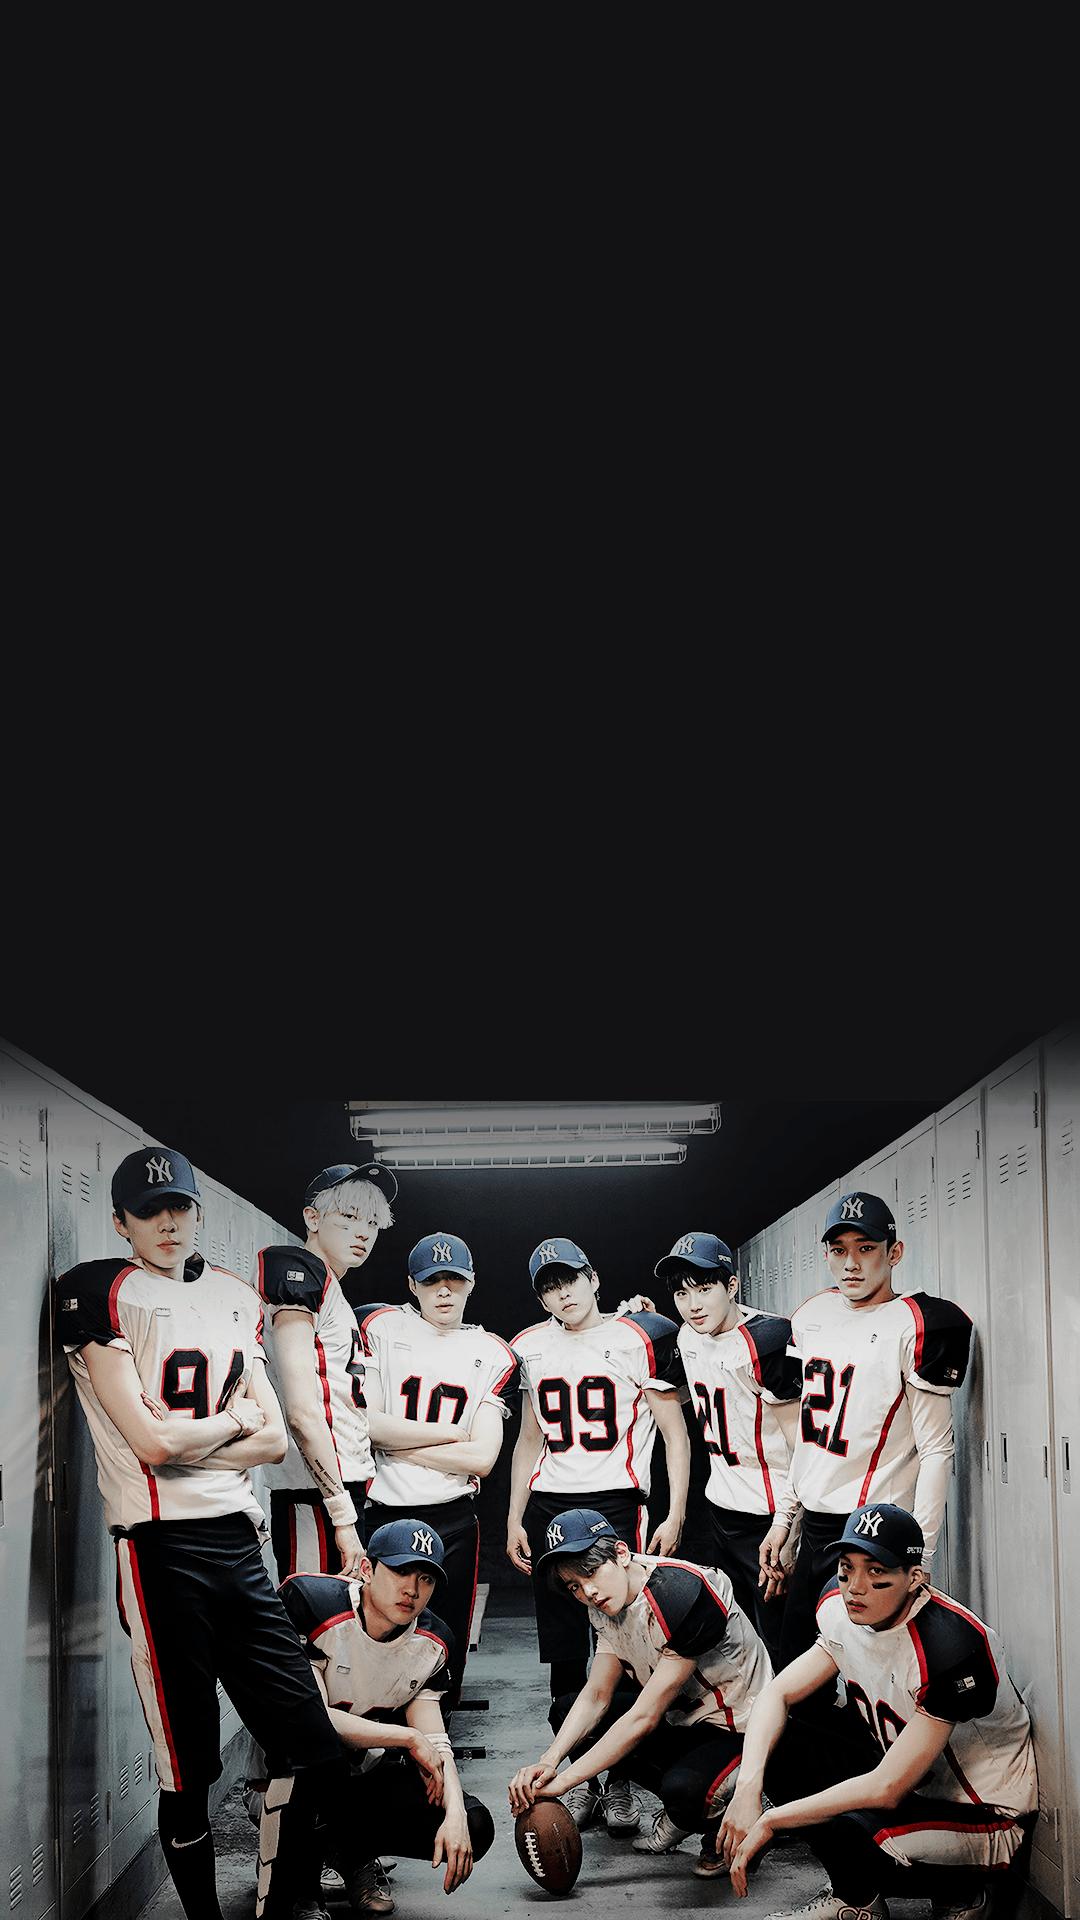 Exo iphone wallpaper exo pinterest exo wallpaper and kpop